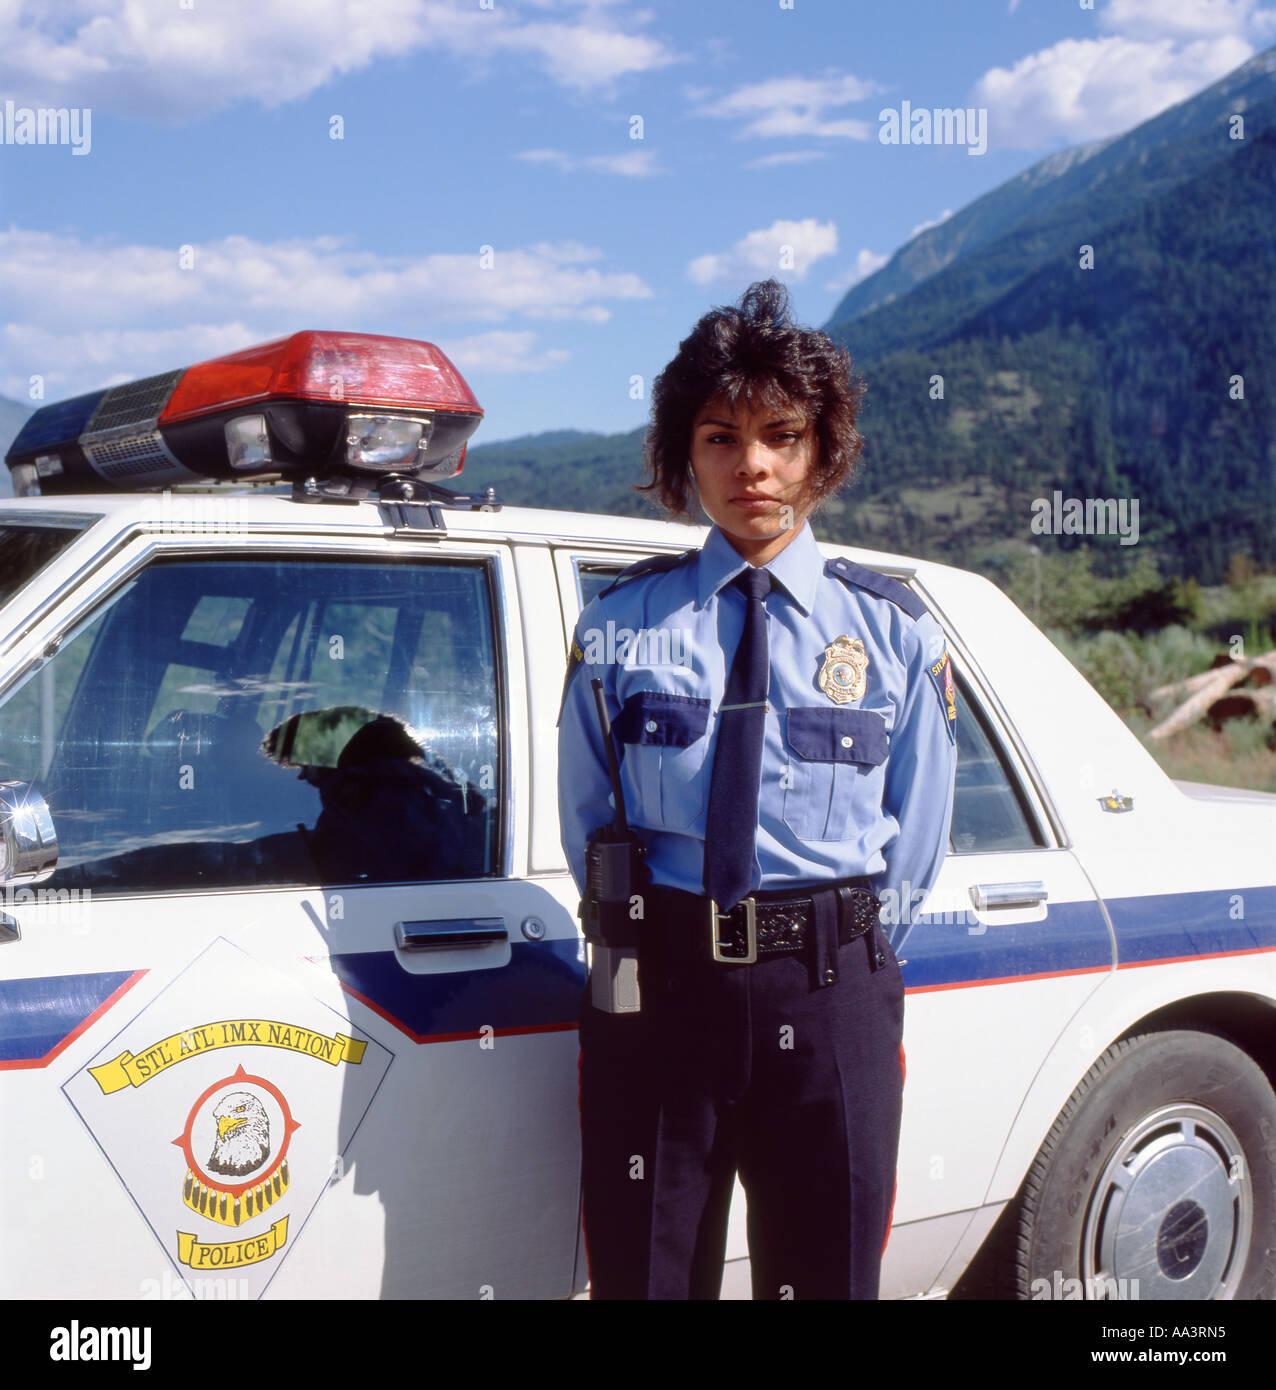 Woman Police Canada Stock Photos Amp Woman Police Canada